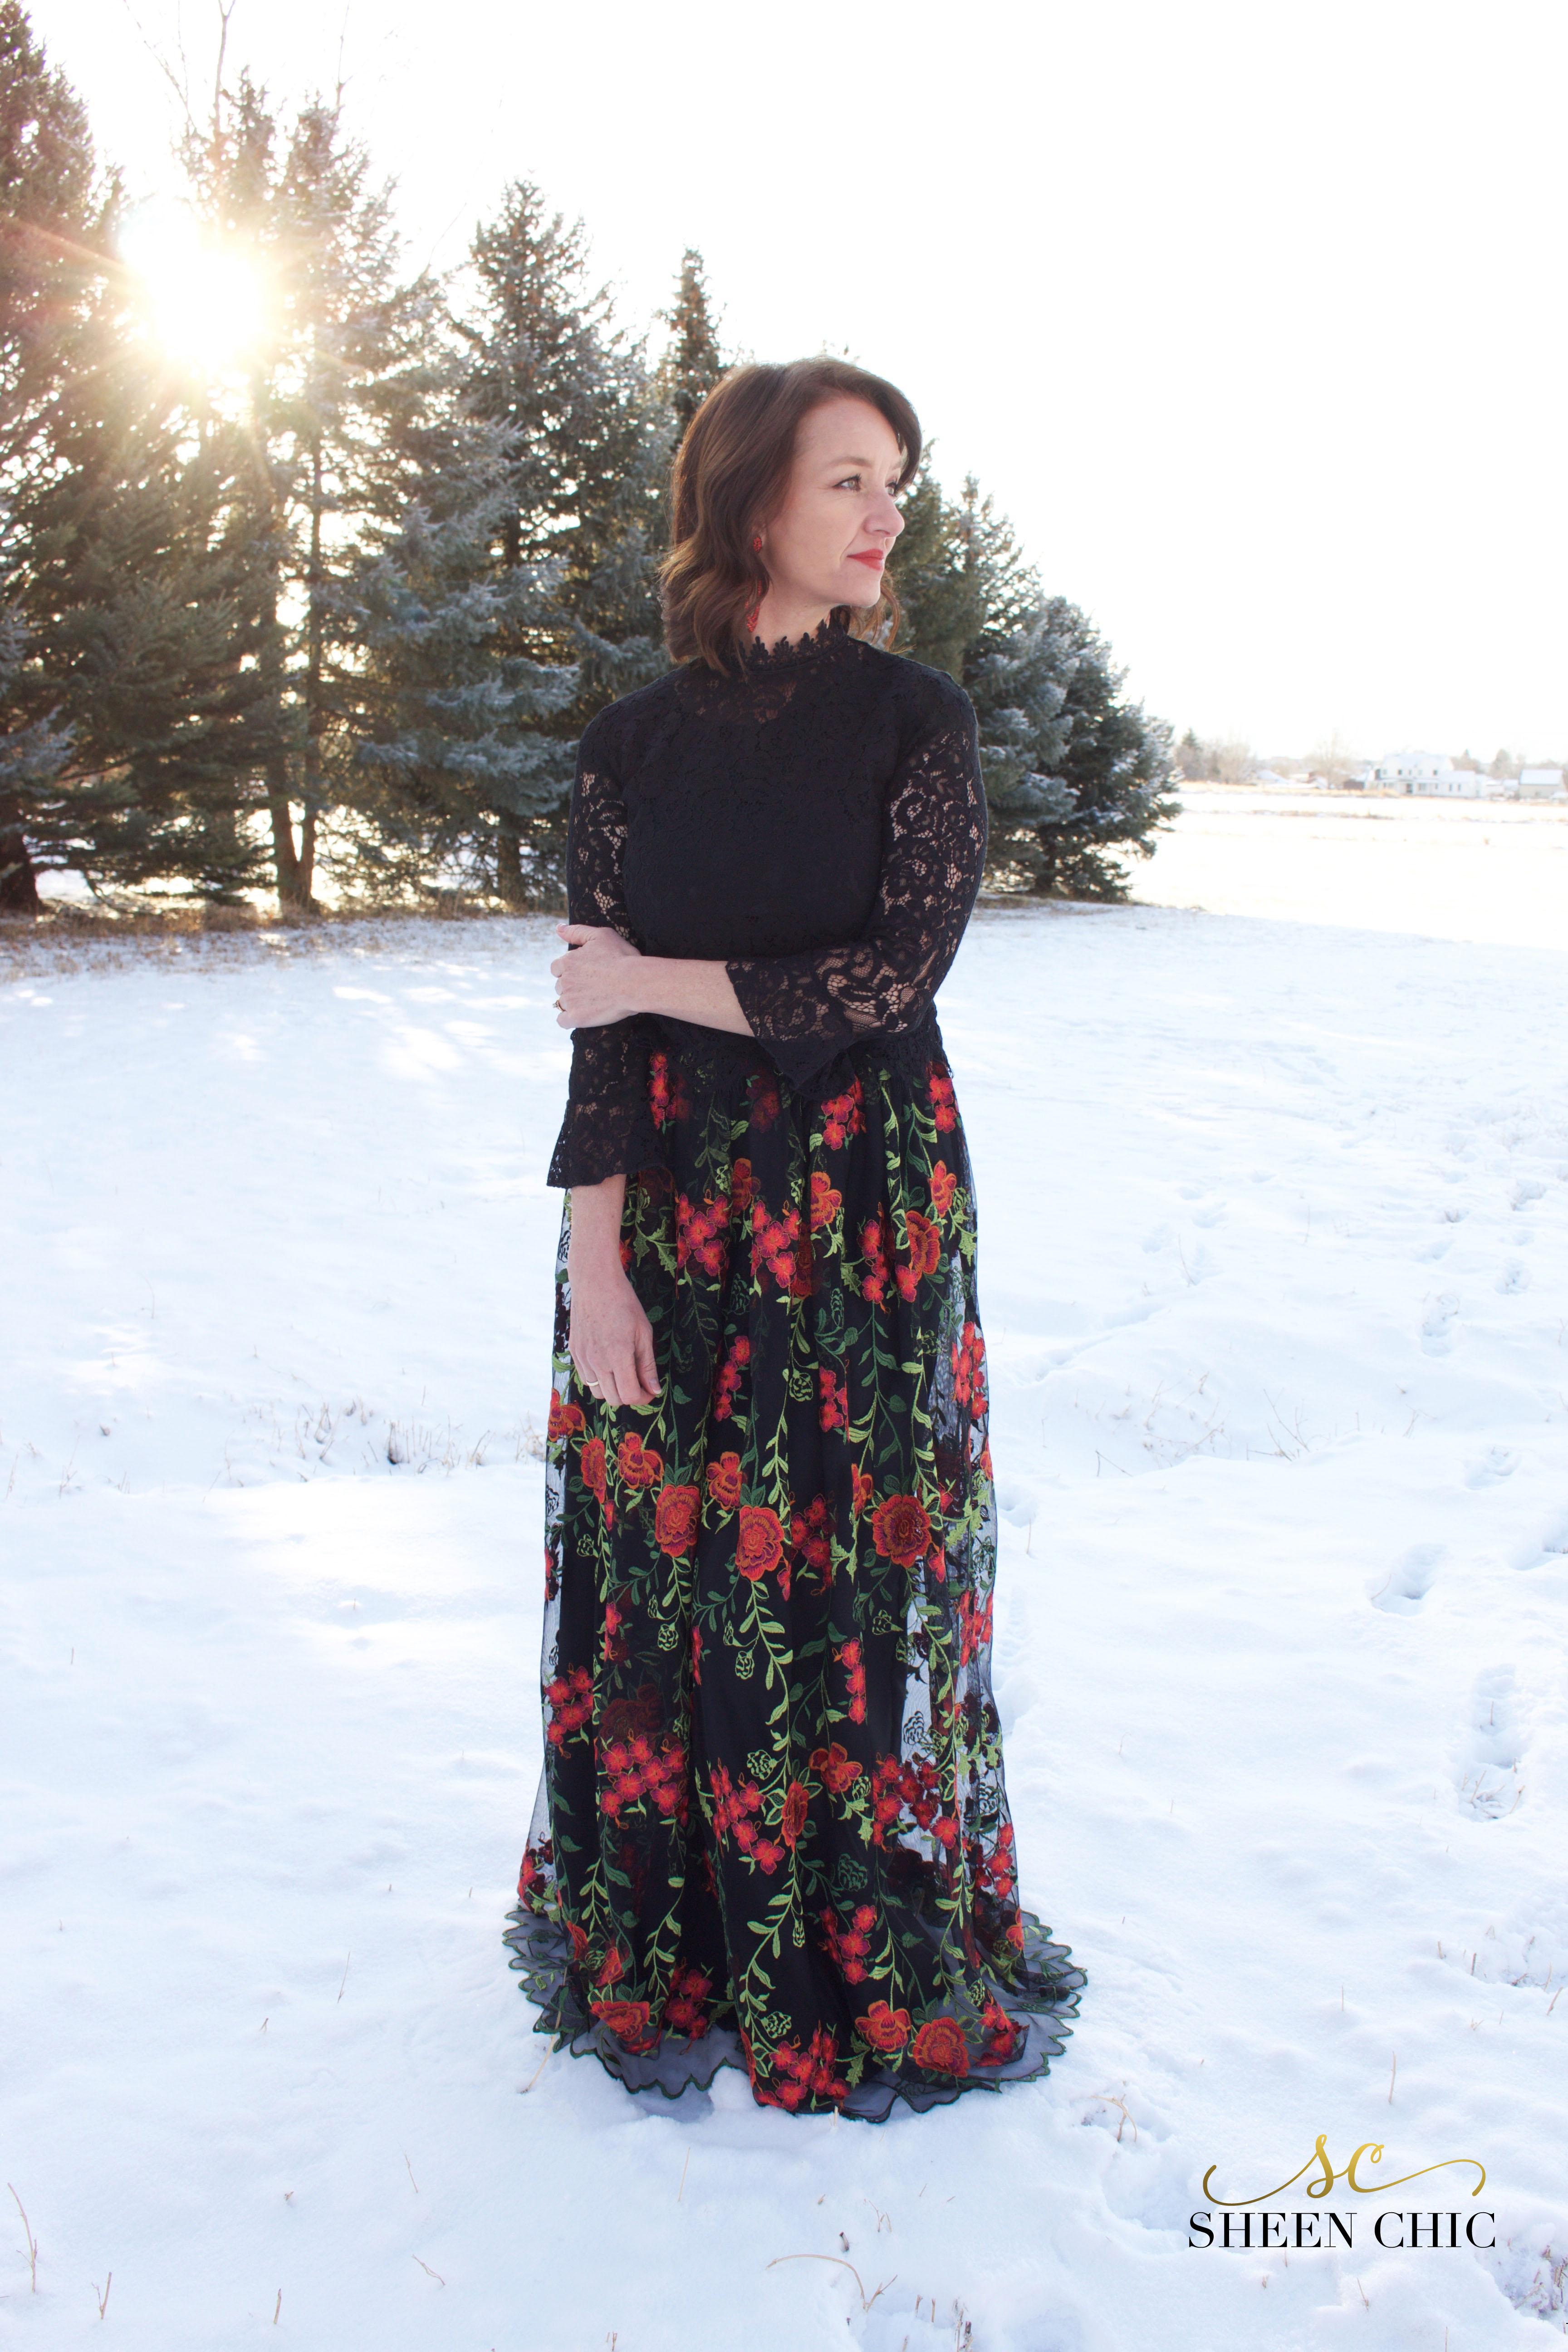 Perfect Christmas ballgown skirt